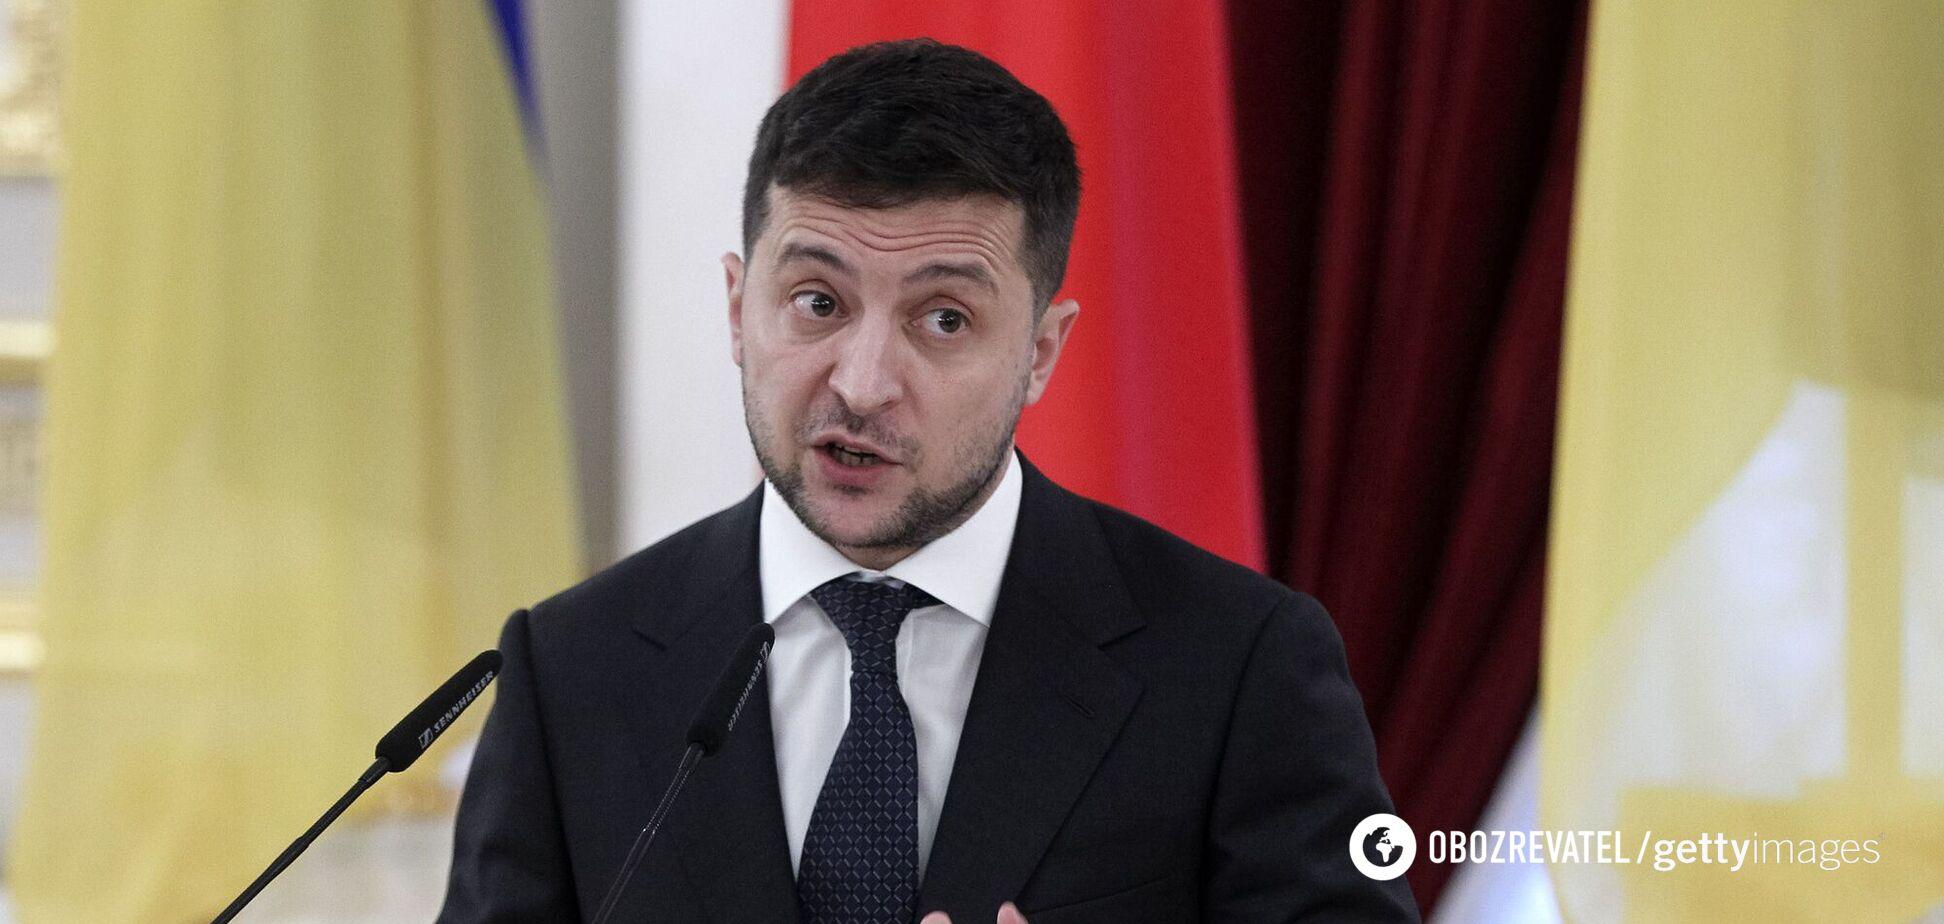 Зеленський у Польщі виступив із промовою про Майдан та агресію Росії. Відео